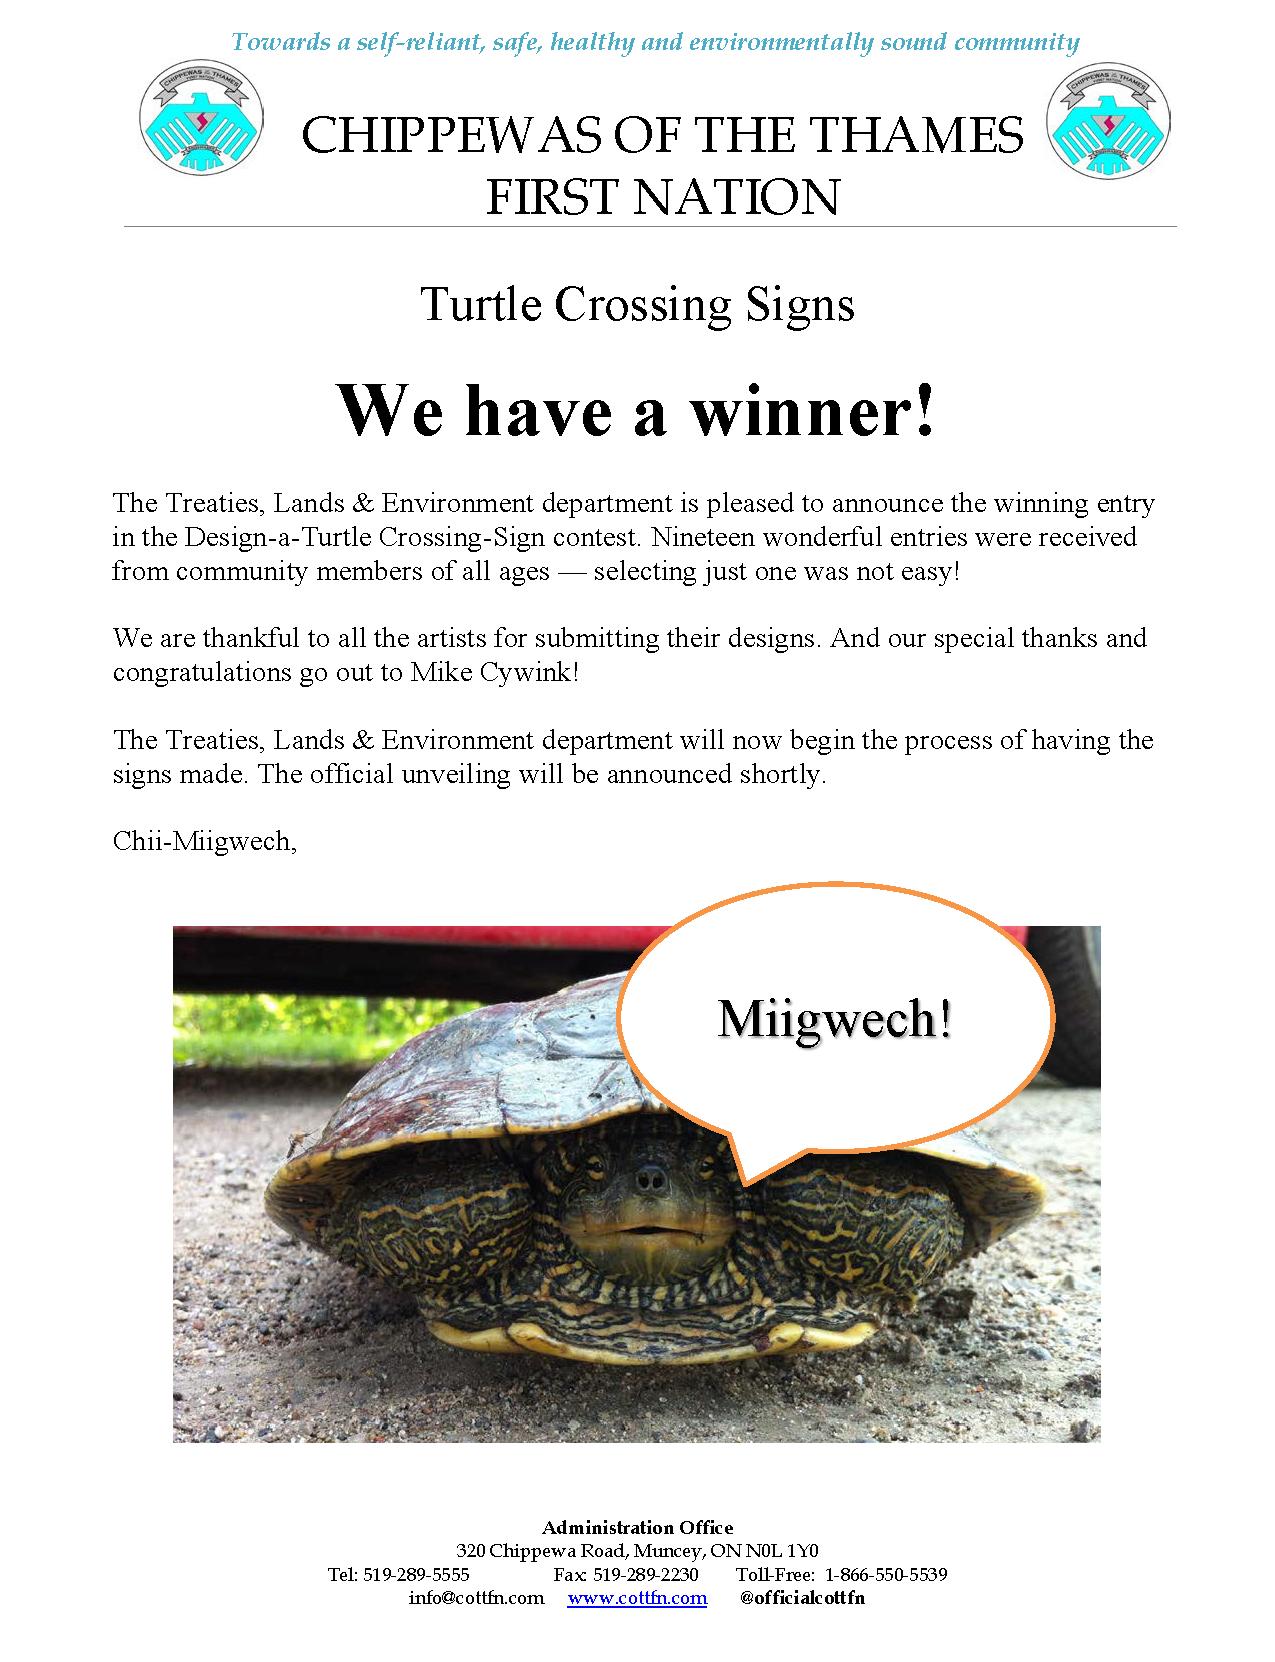 turtle-crossing-winner